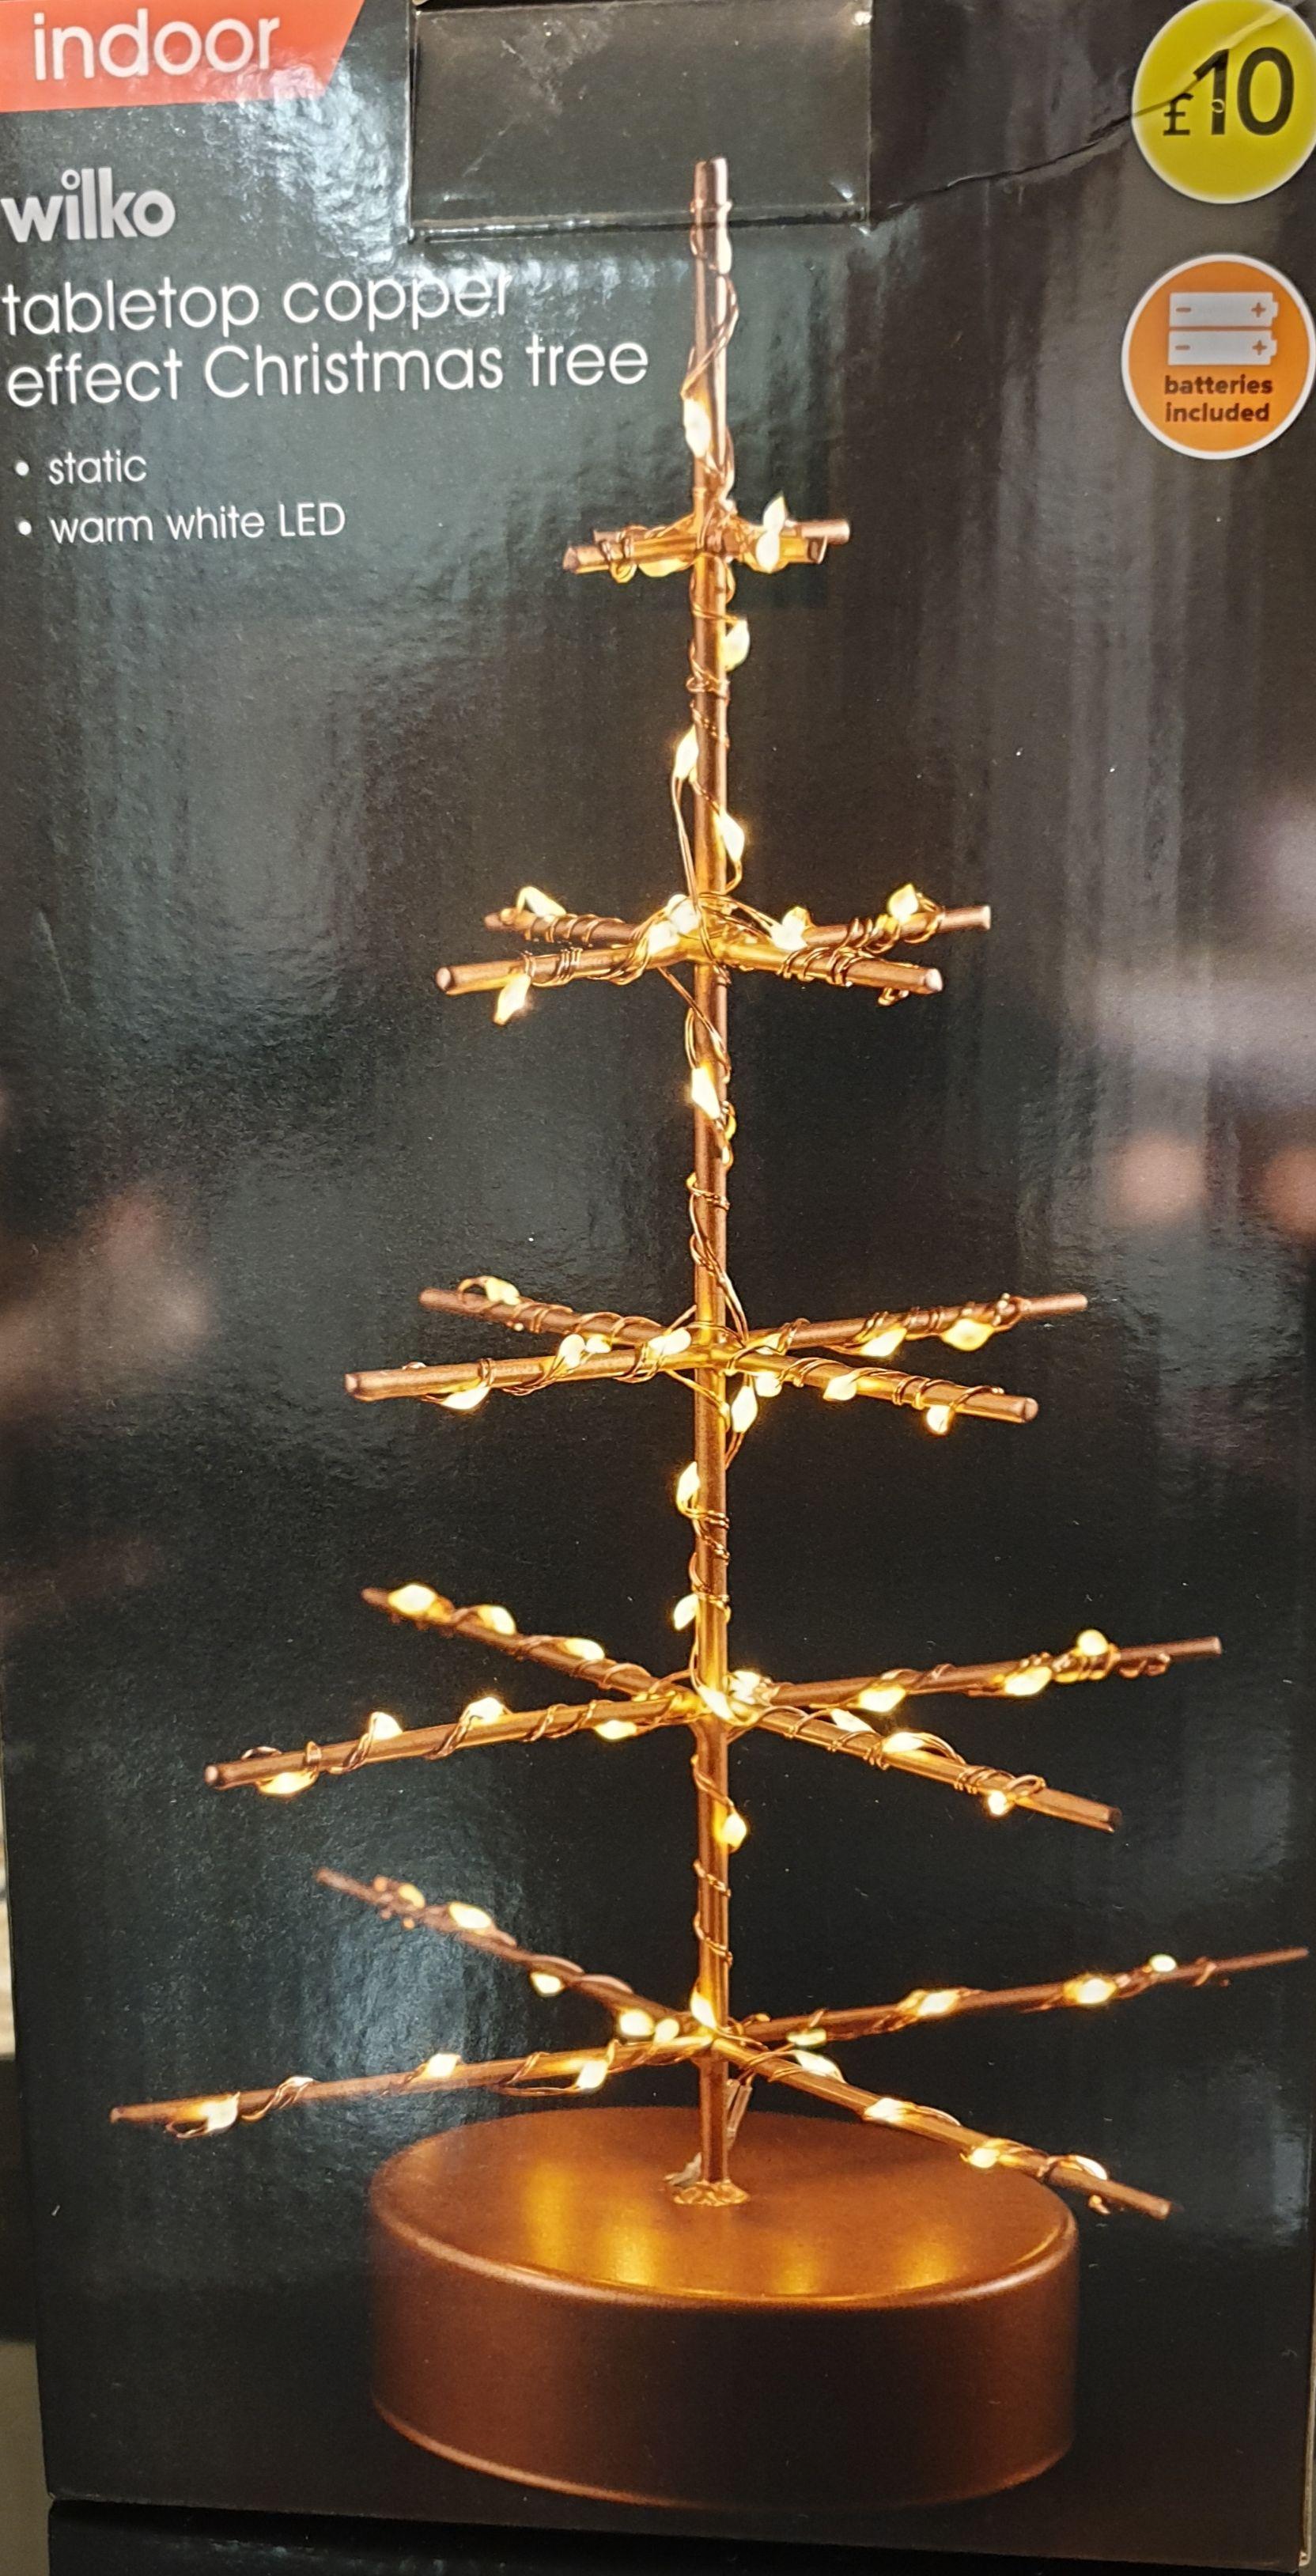 Wilko tabletop copper effect Christmas tree - £1 Instore @ Wilko (Barking)